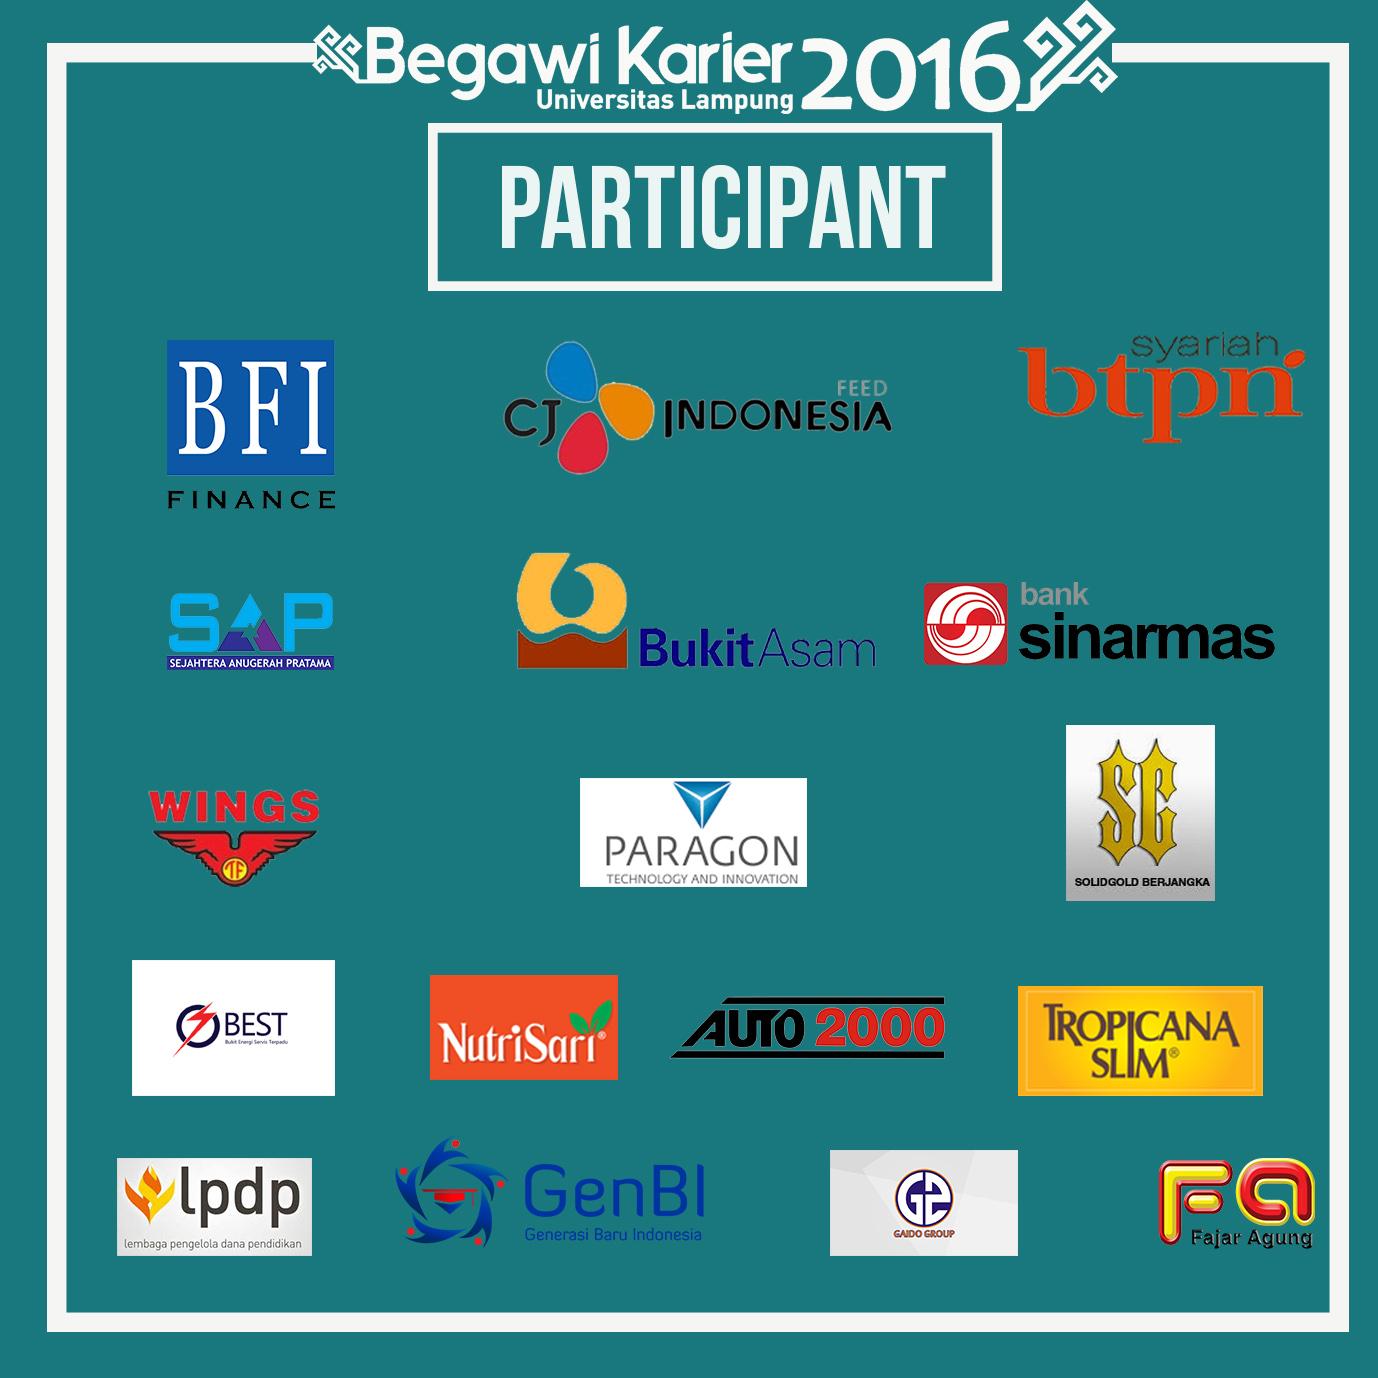 Perusahaan yang dipastikan hadir di Begawi Karier 2016